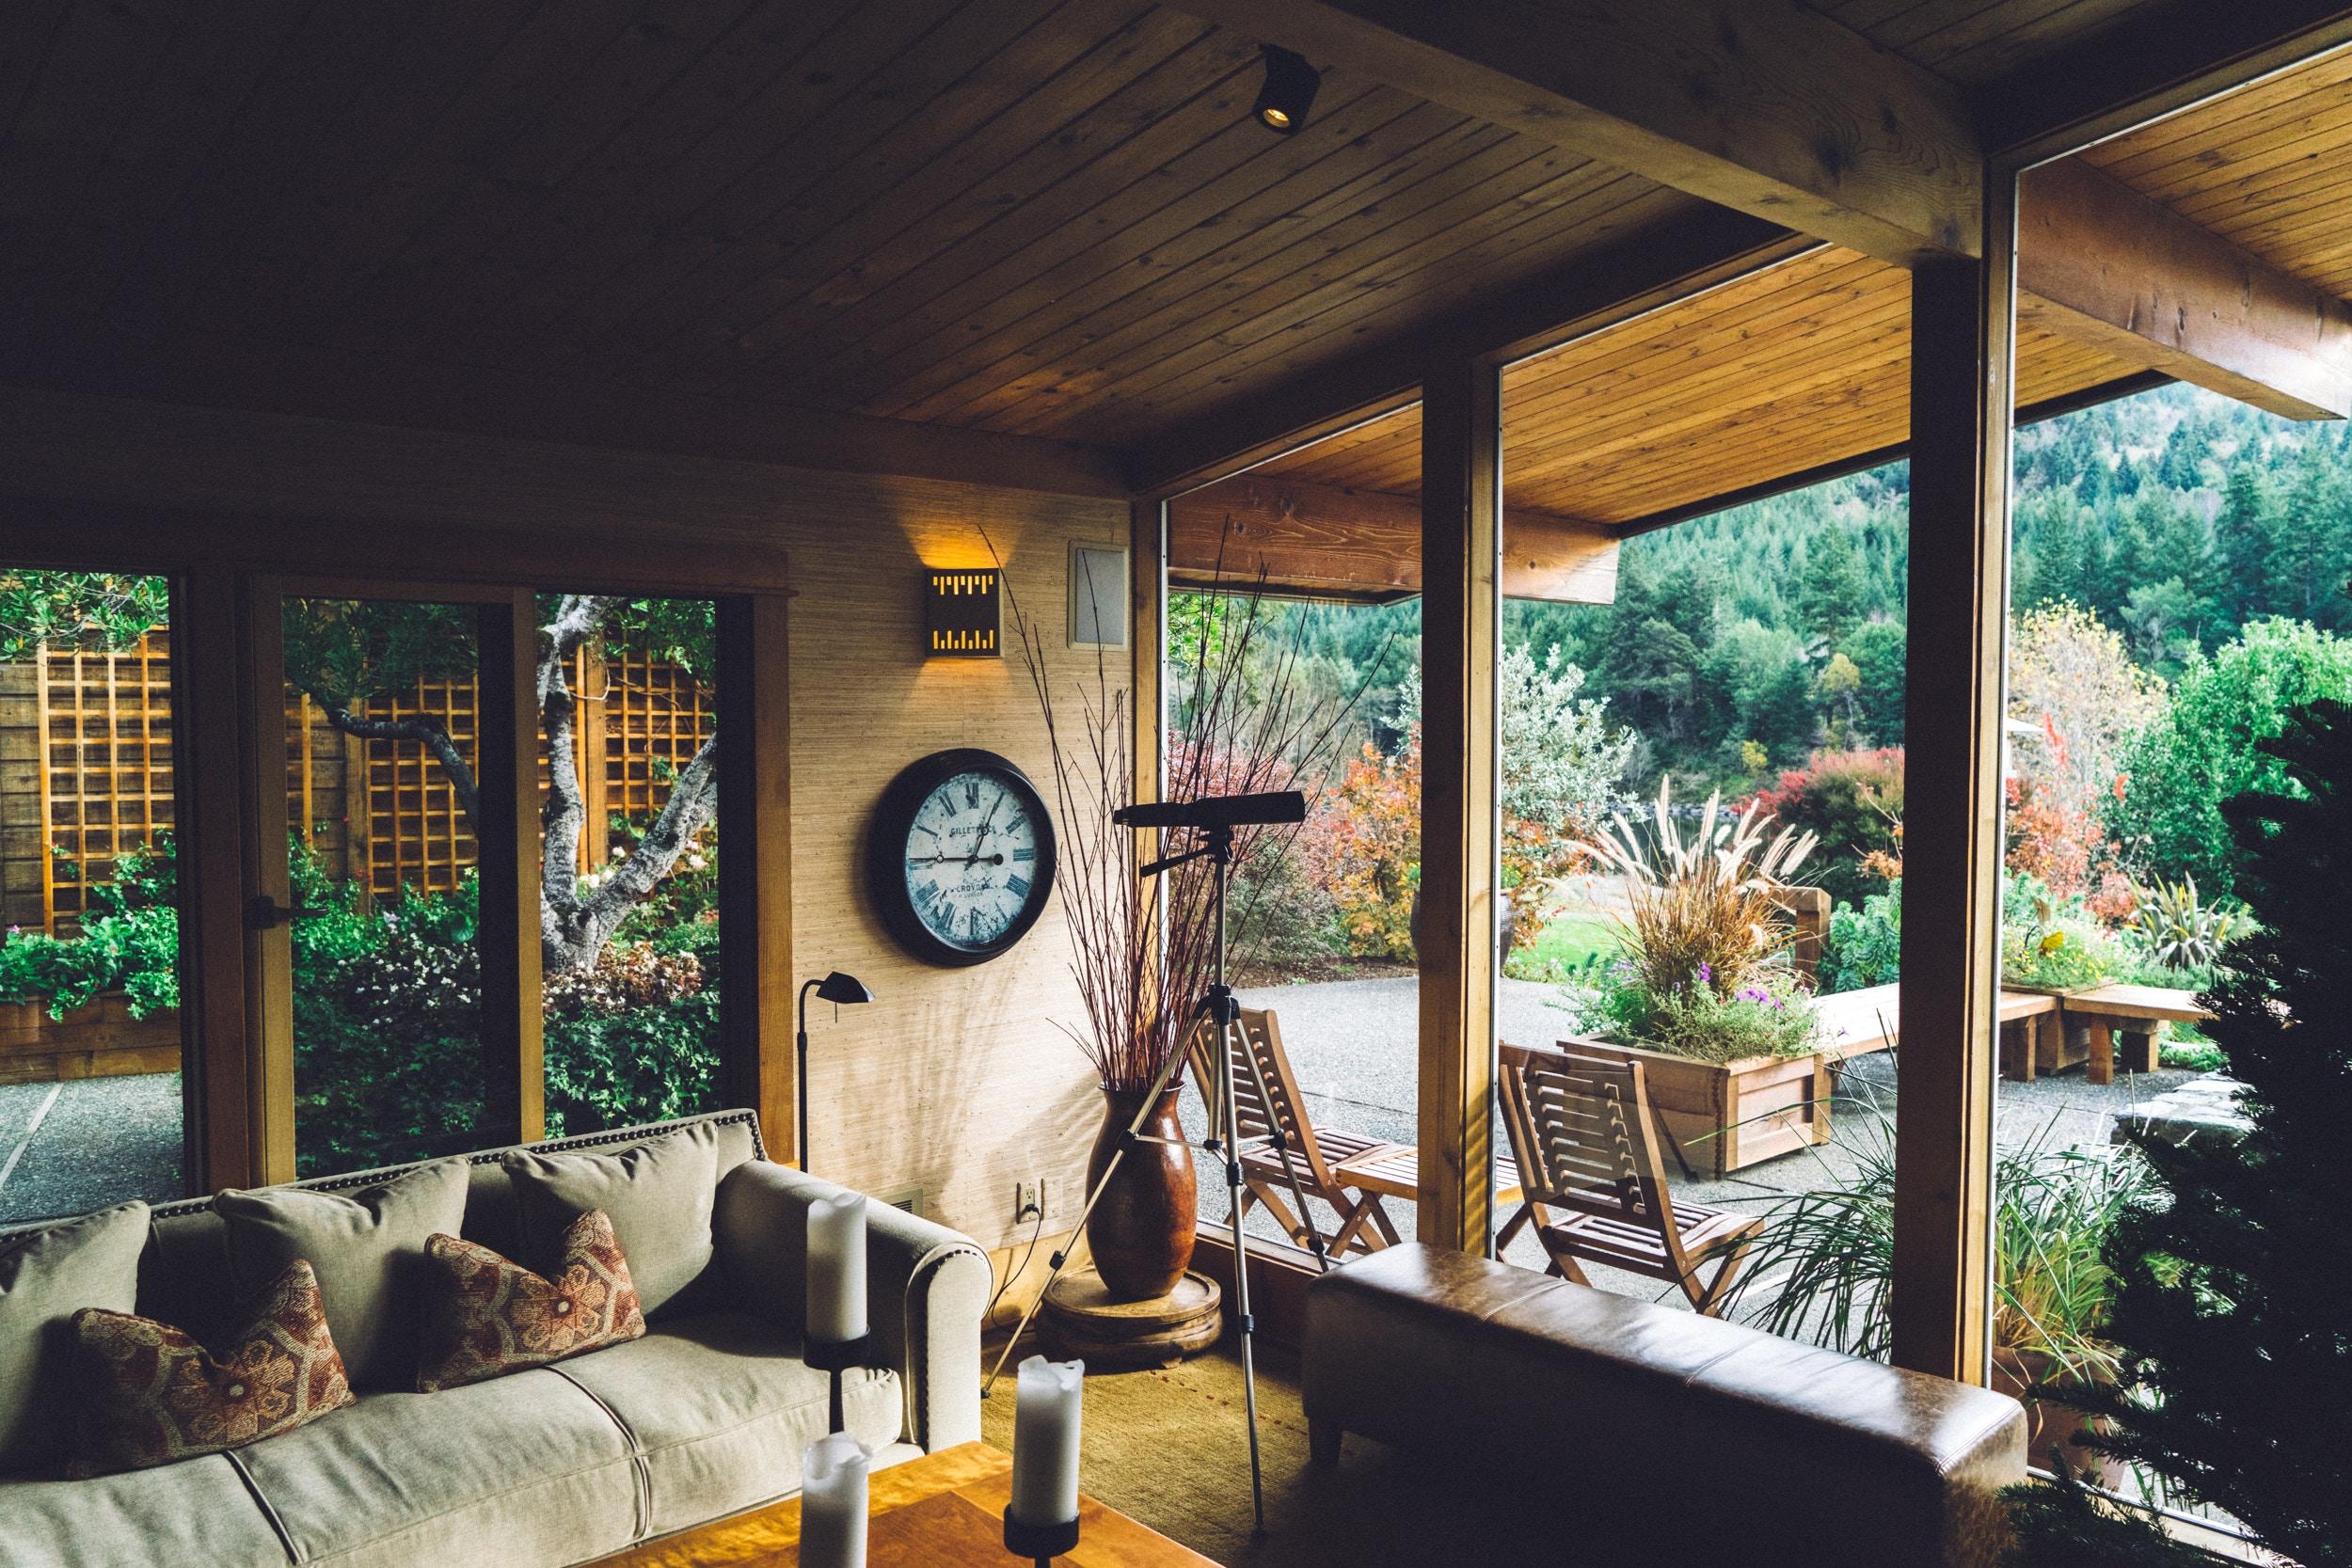 Cute interior decor